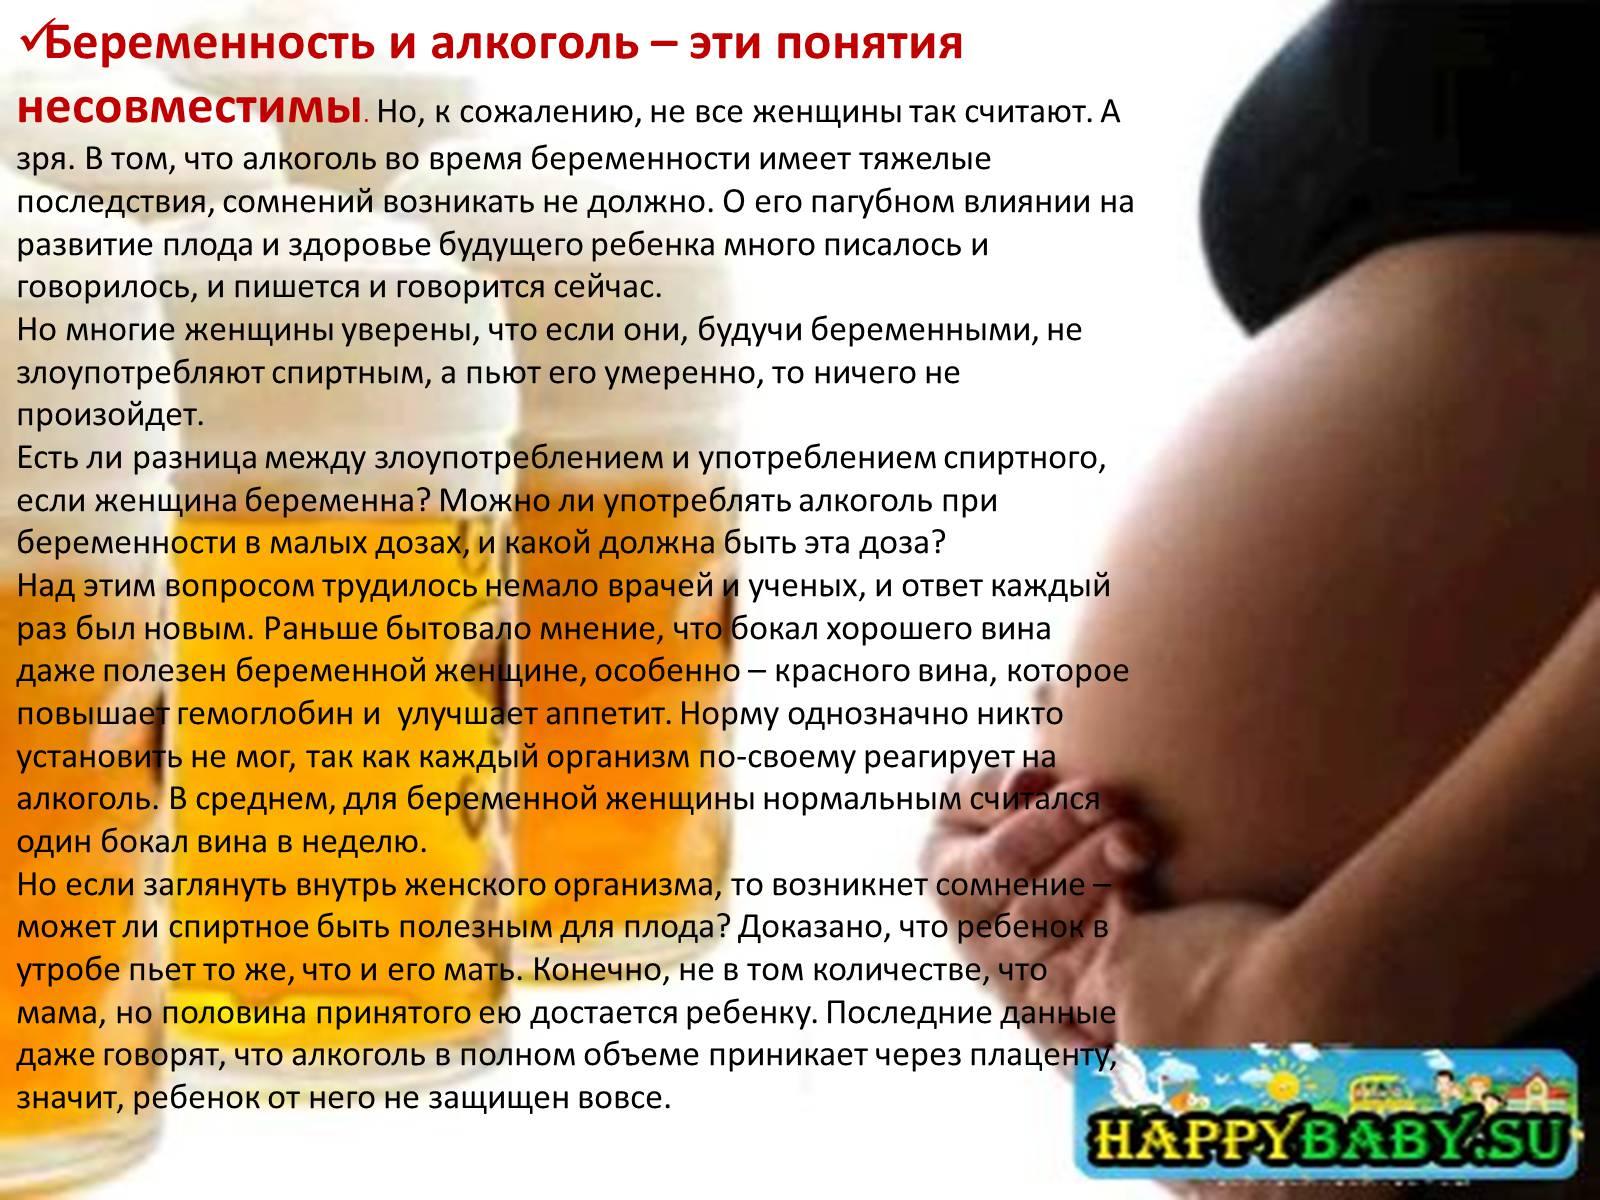 Принимала колдакт не знала что беременна